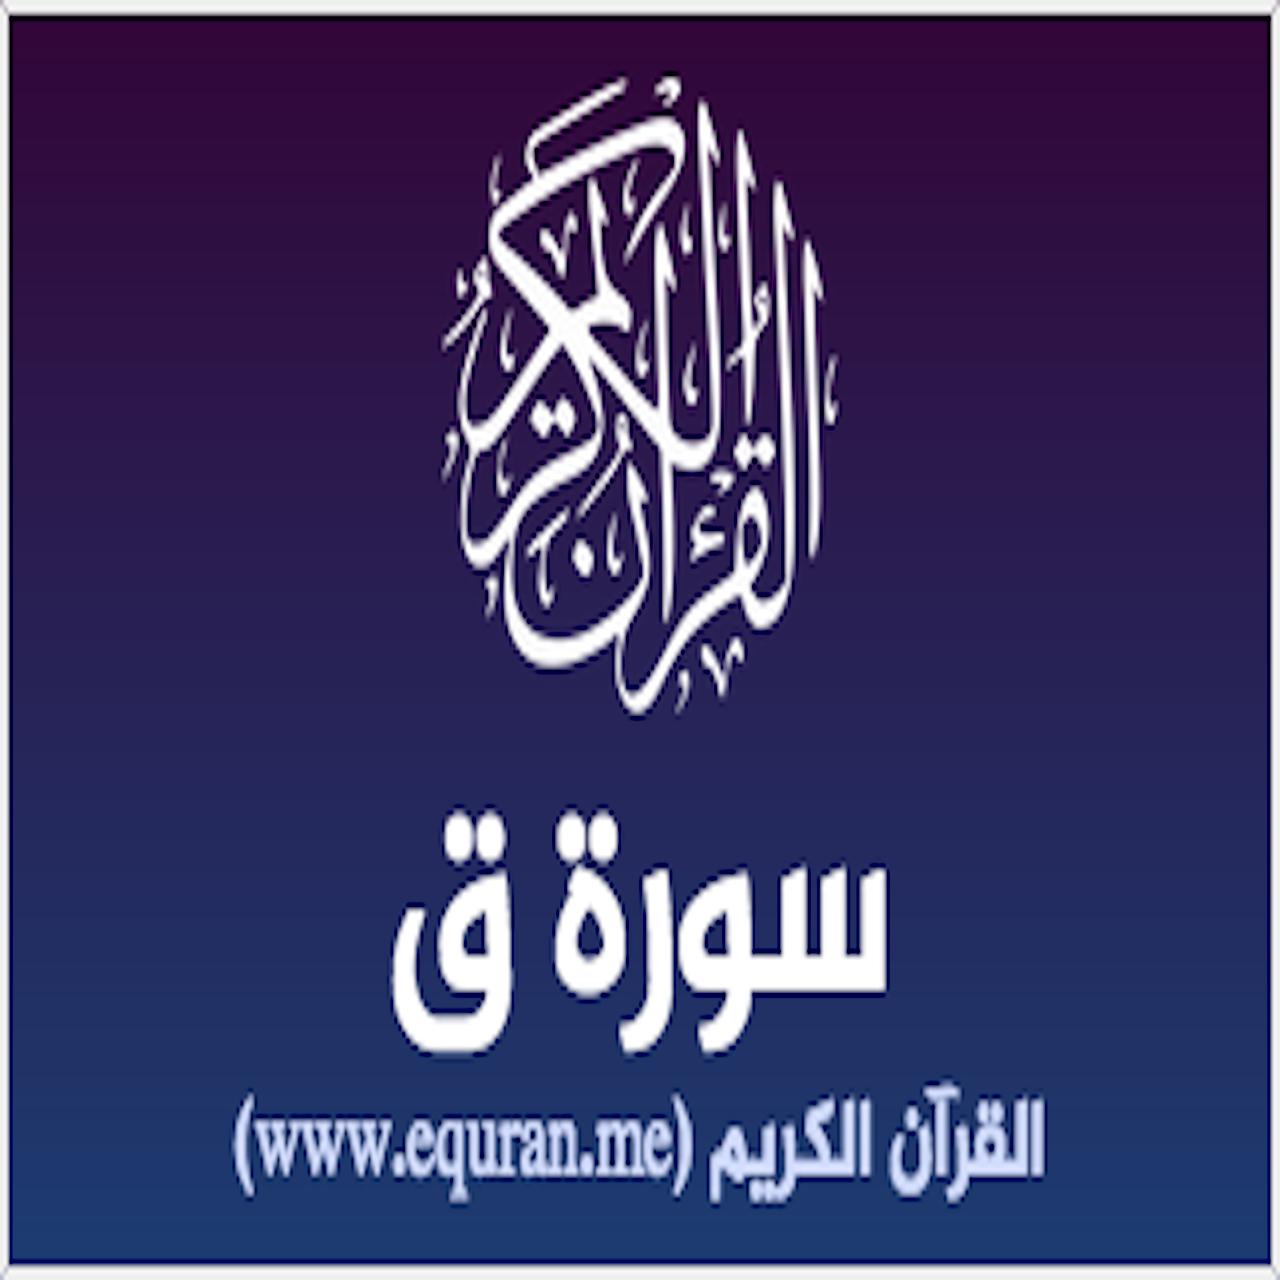 قراءة سورة ق Qaaf نص مكتوب بالخط الرسم العثماني